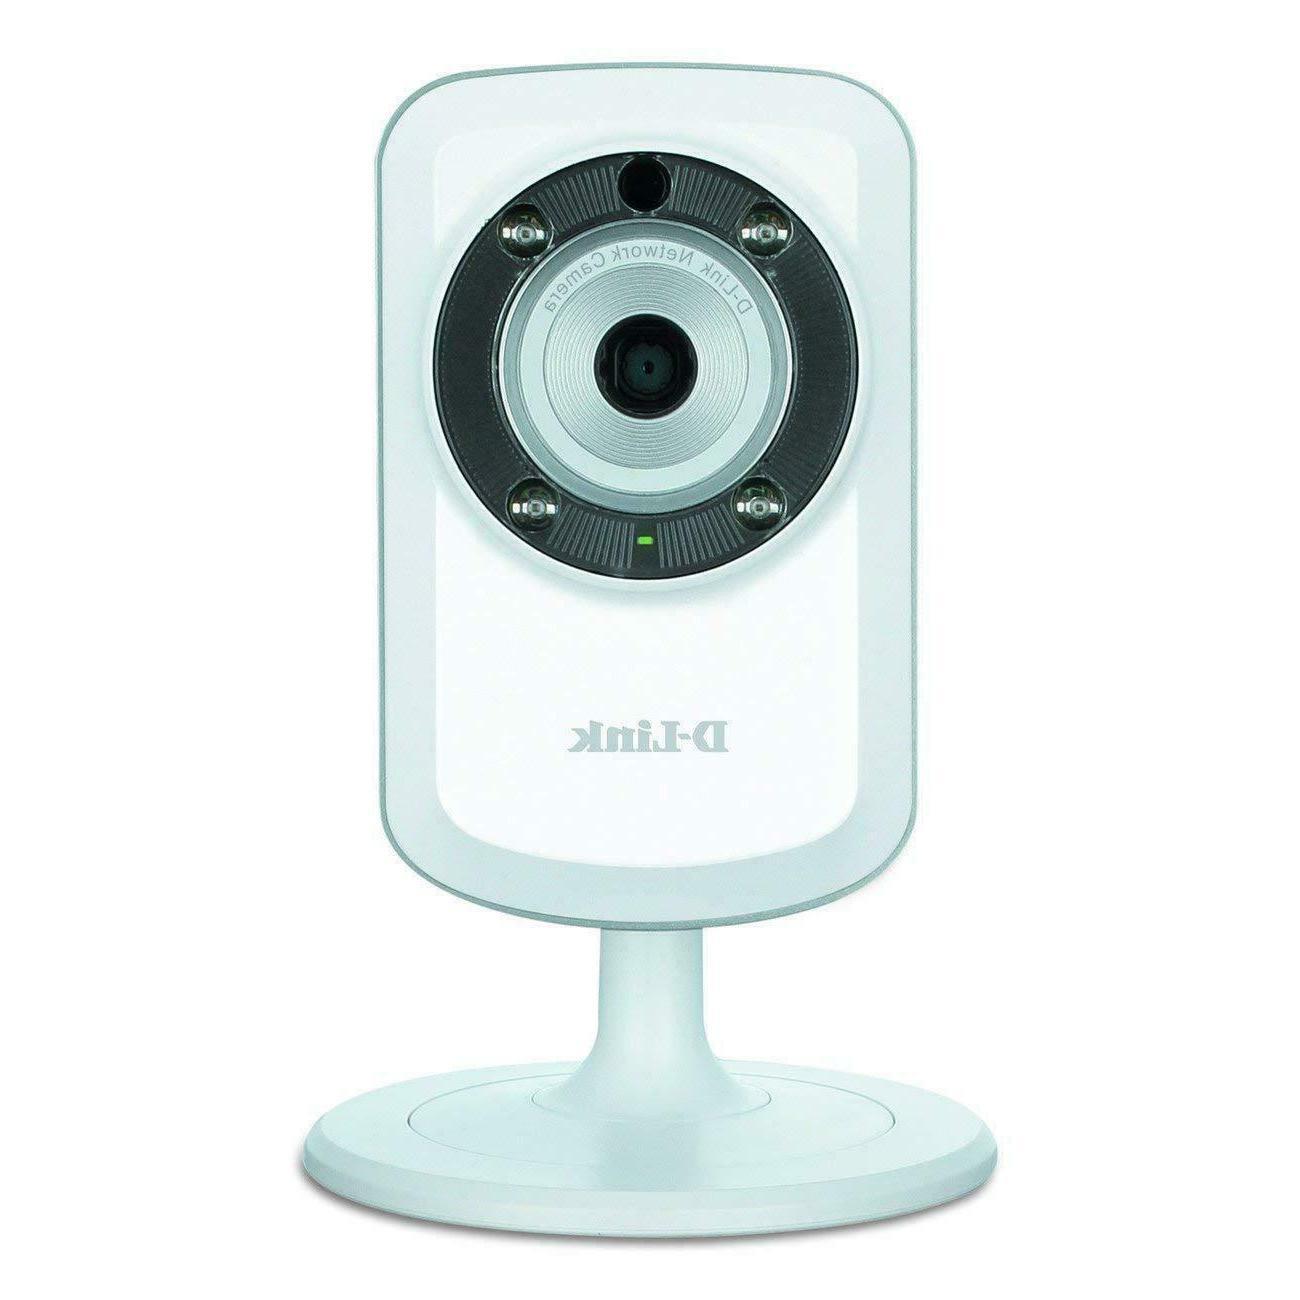 wireless day night network surveillance